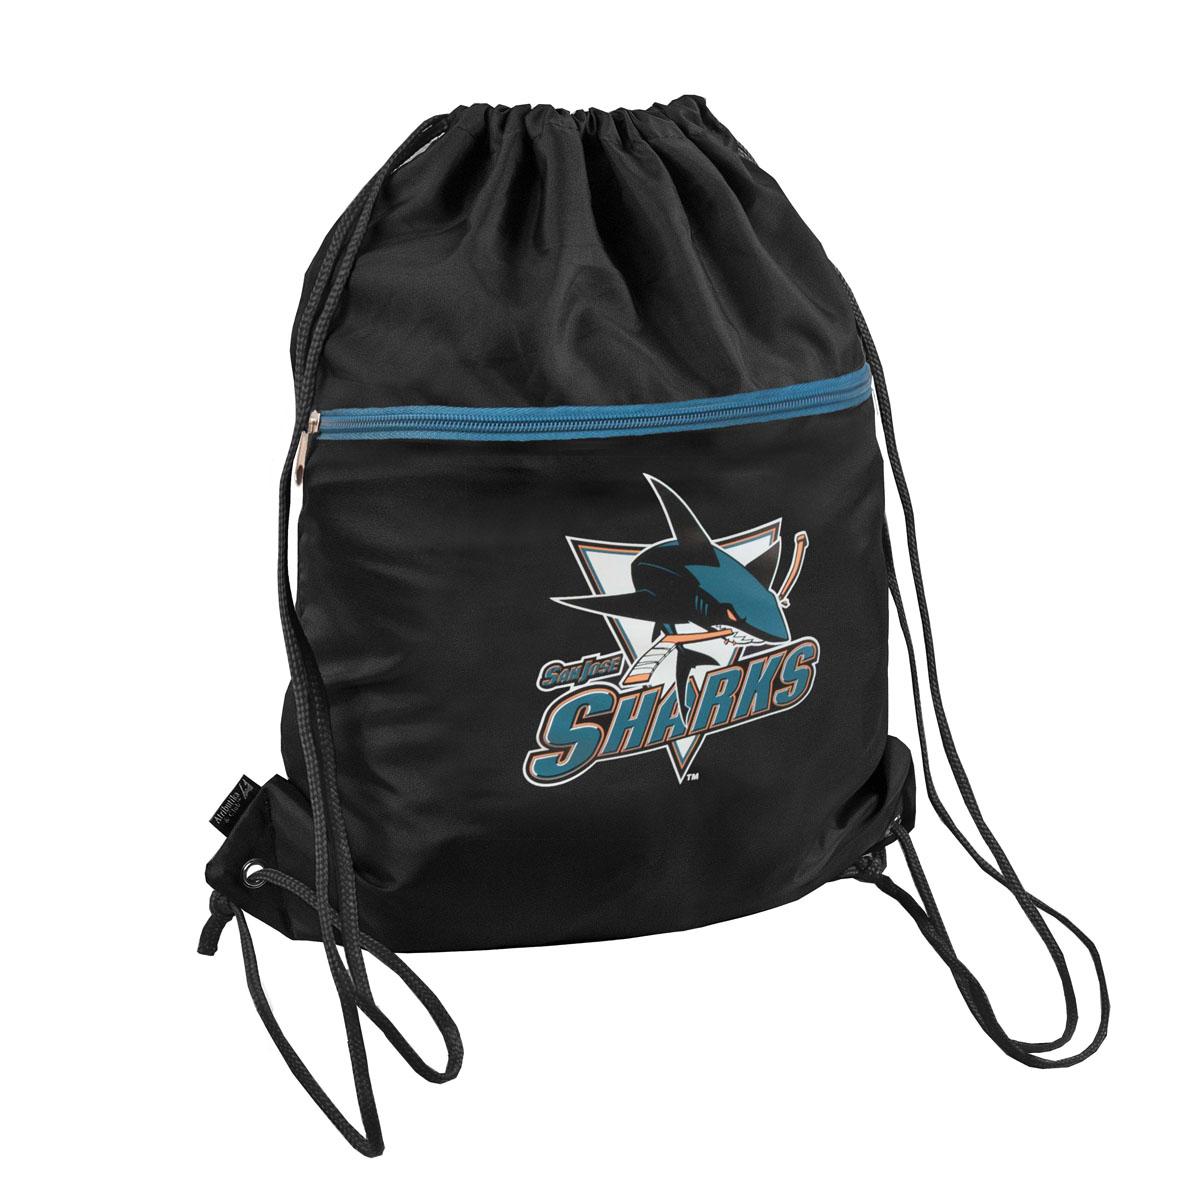 Мешок на шнурке NHL SJ Sharks, цвет: черный. 4л ( 58039 )